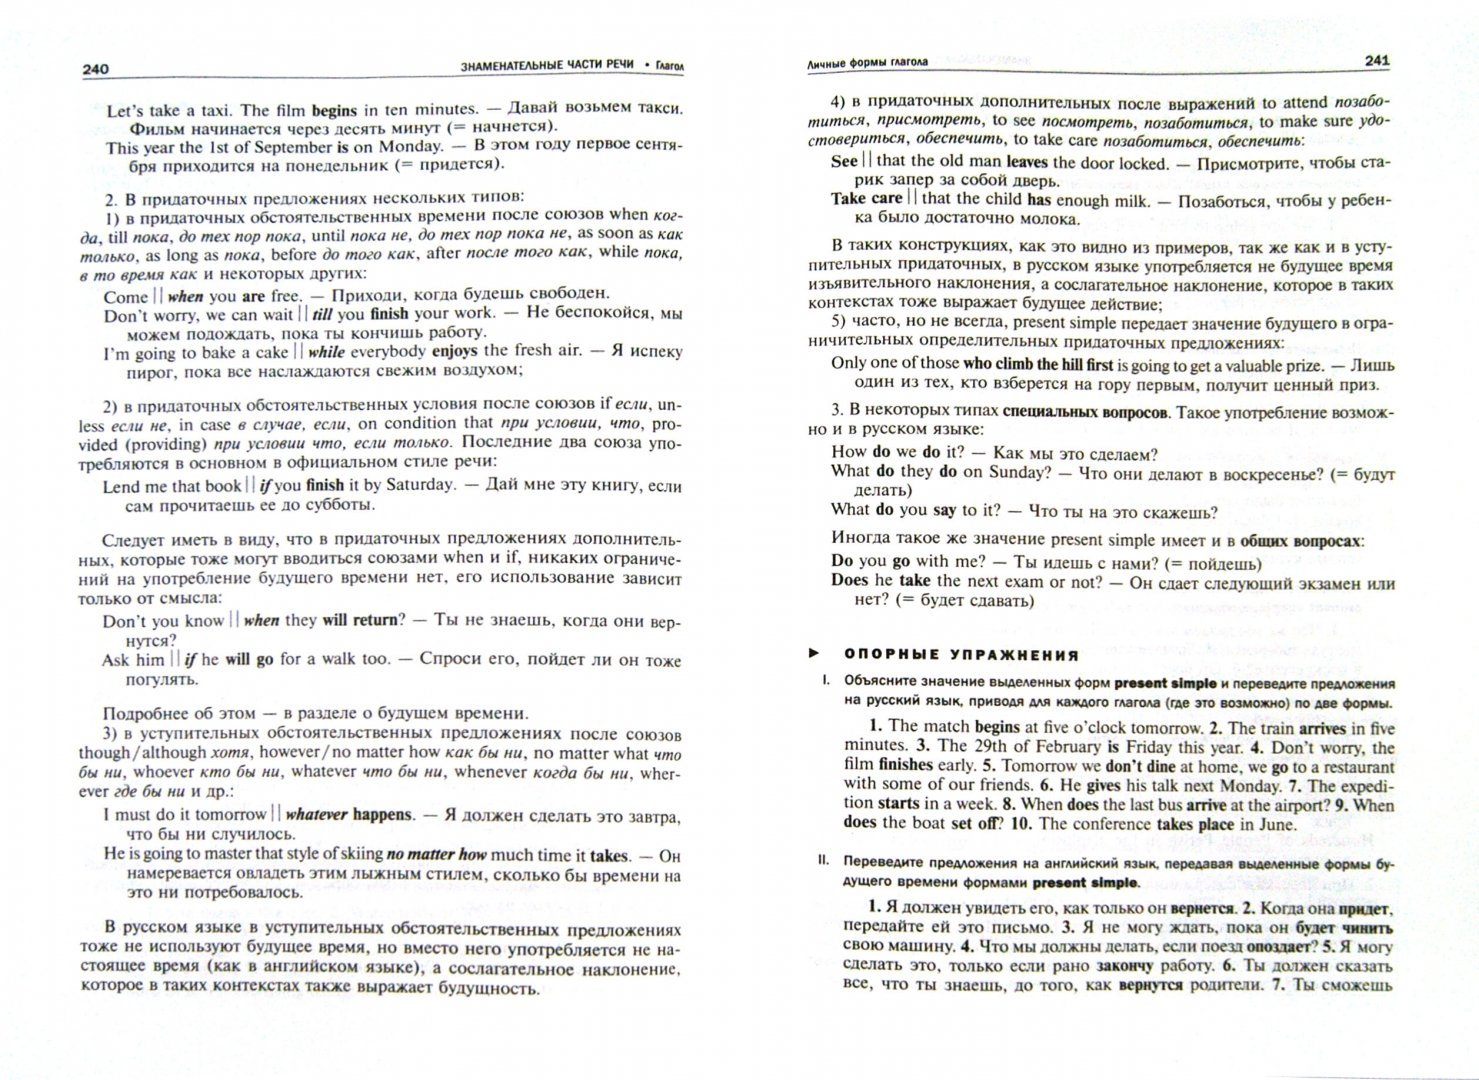 Иллюстрация 1 из 6 для Грамматика (морфология) английского языка с опорными упражнениями - Корнеева, Дудорова   Лабиринт - книги. Источник: Лабиринт